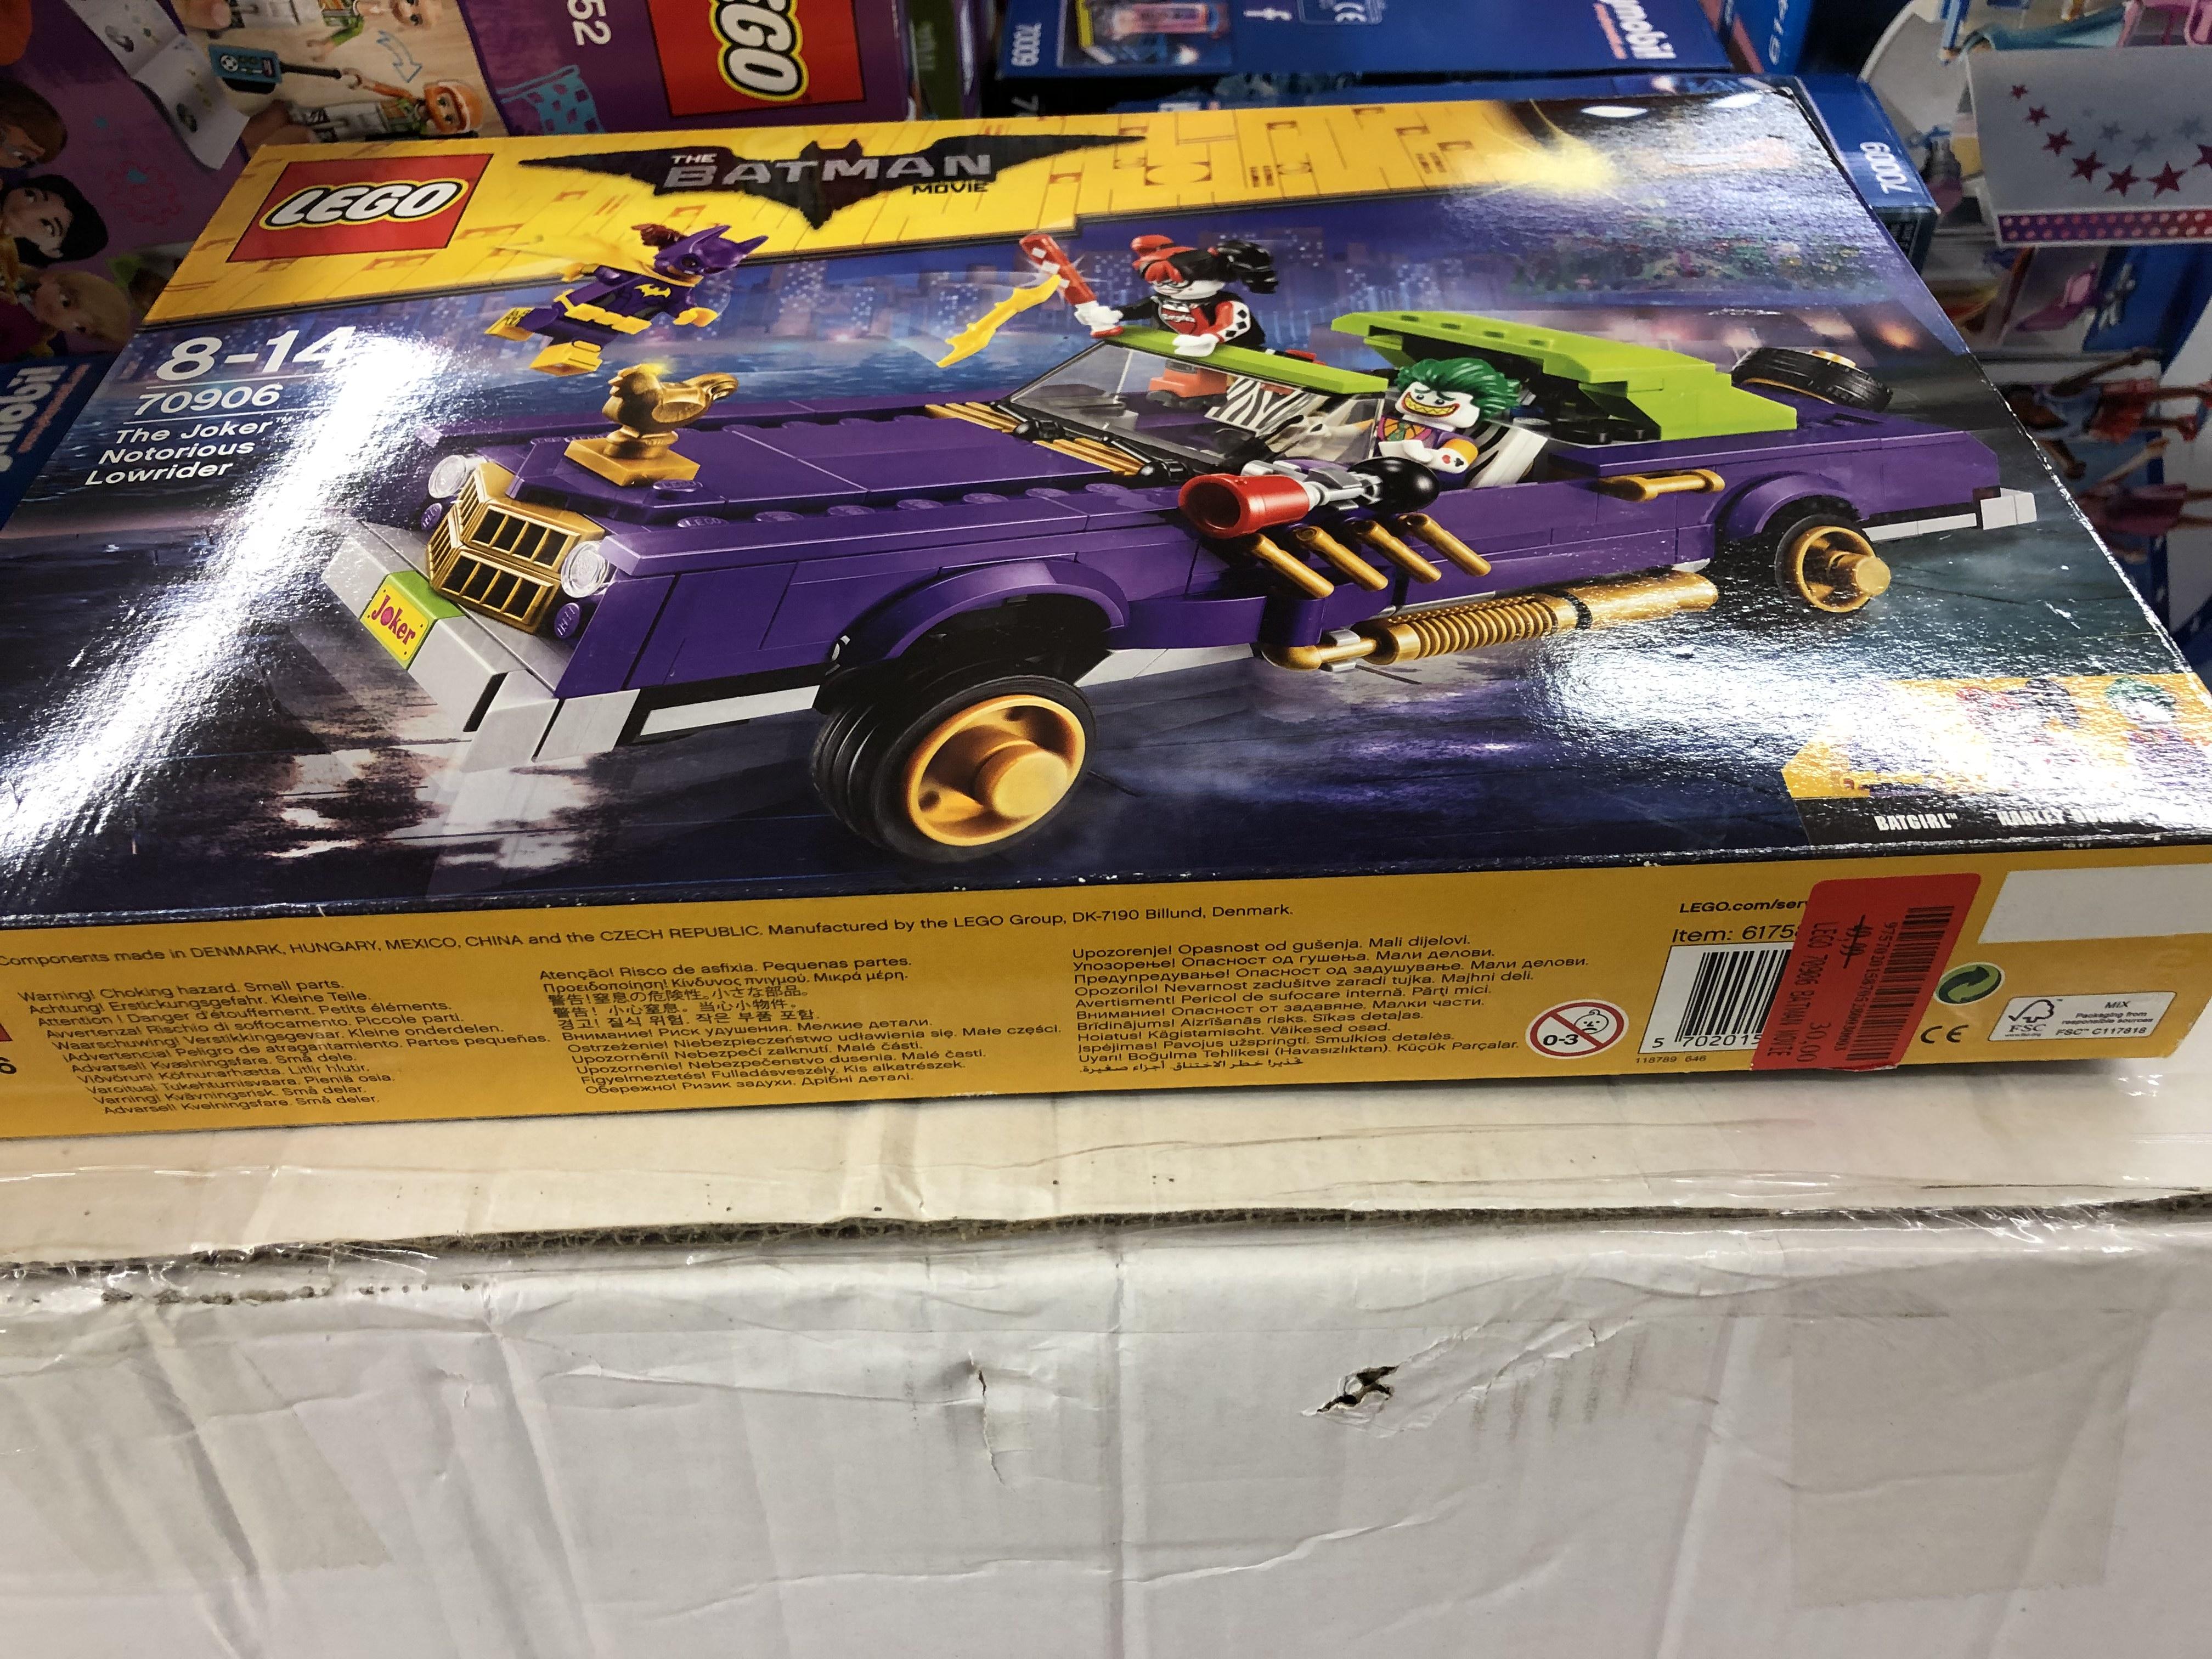 [Marktkauf Reutlingen] Ausgewählte Lego, Playmobil und Schleichfiguren bis zu 50%